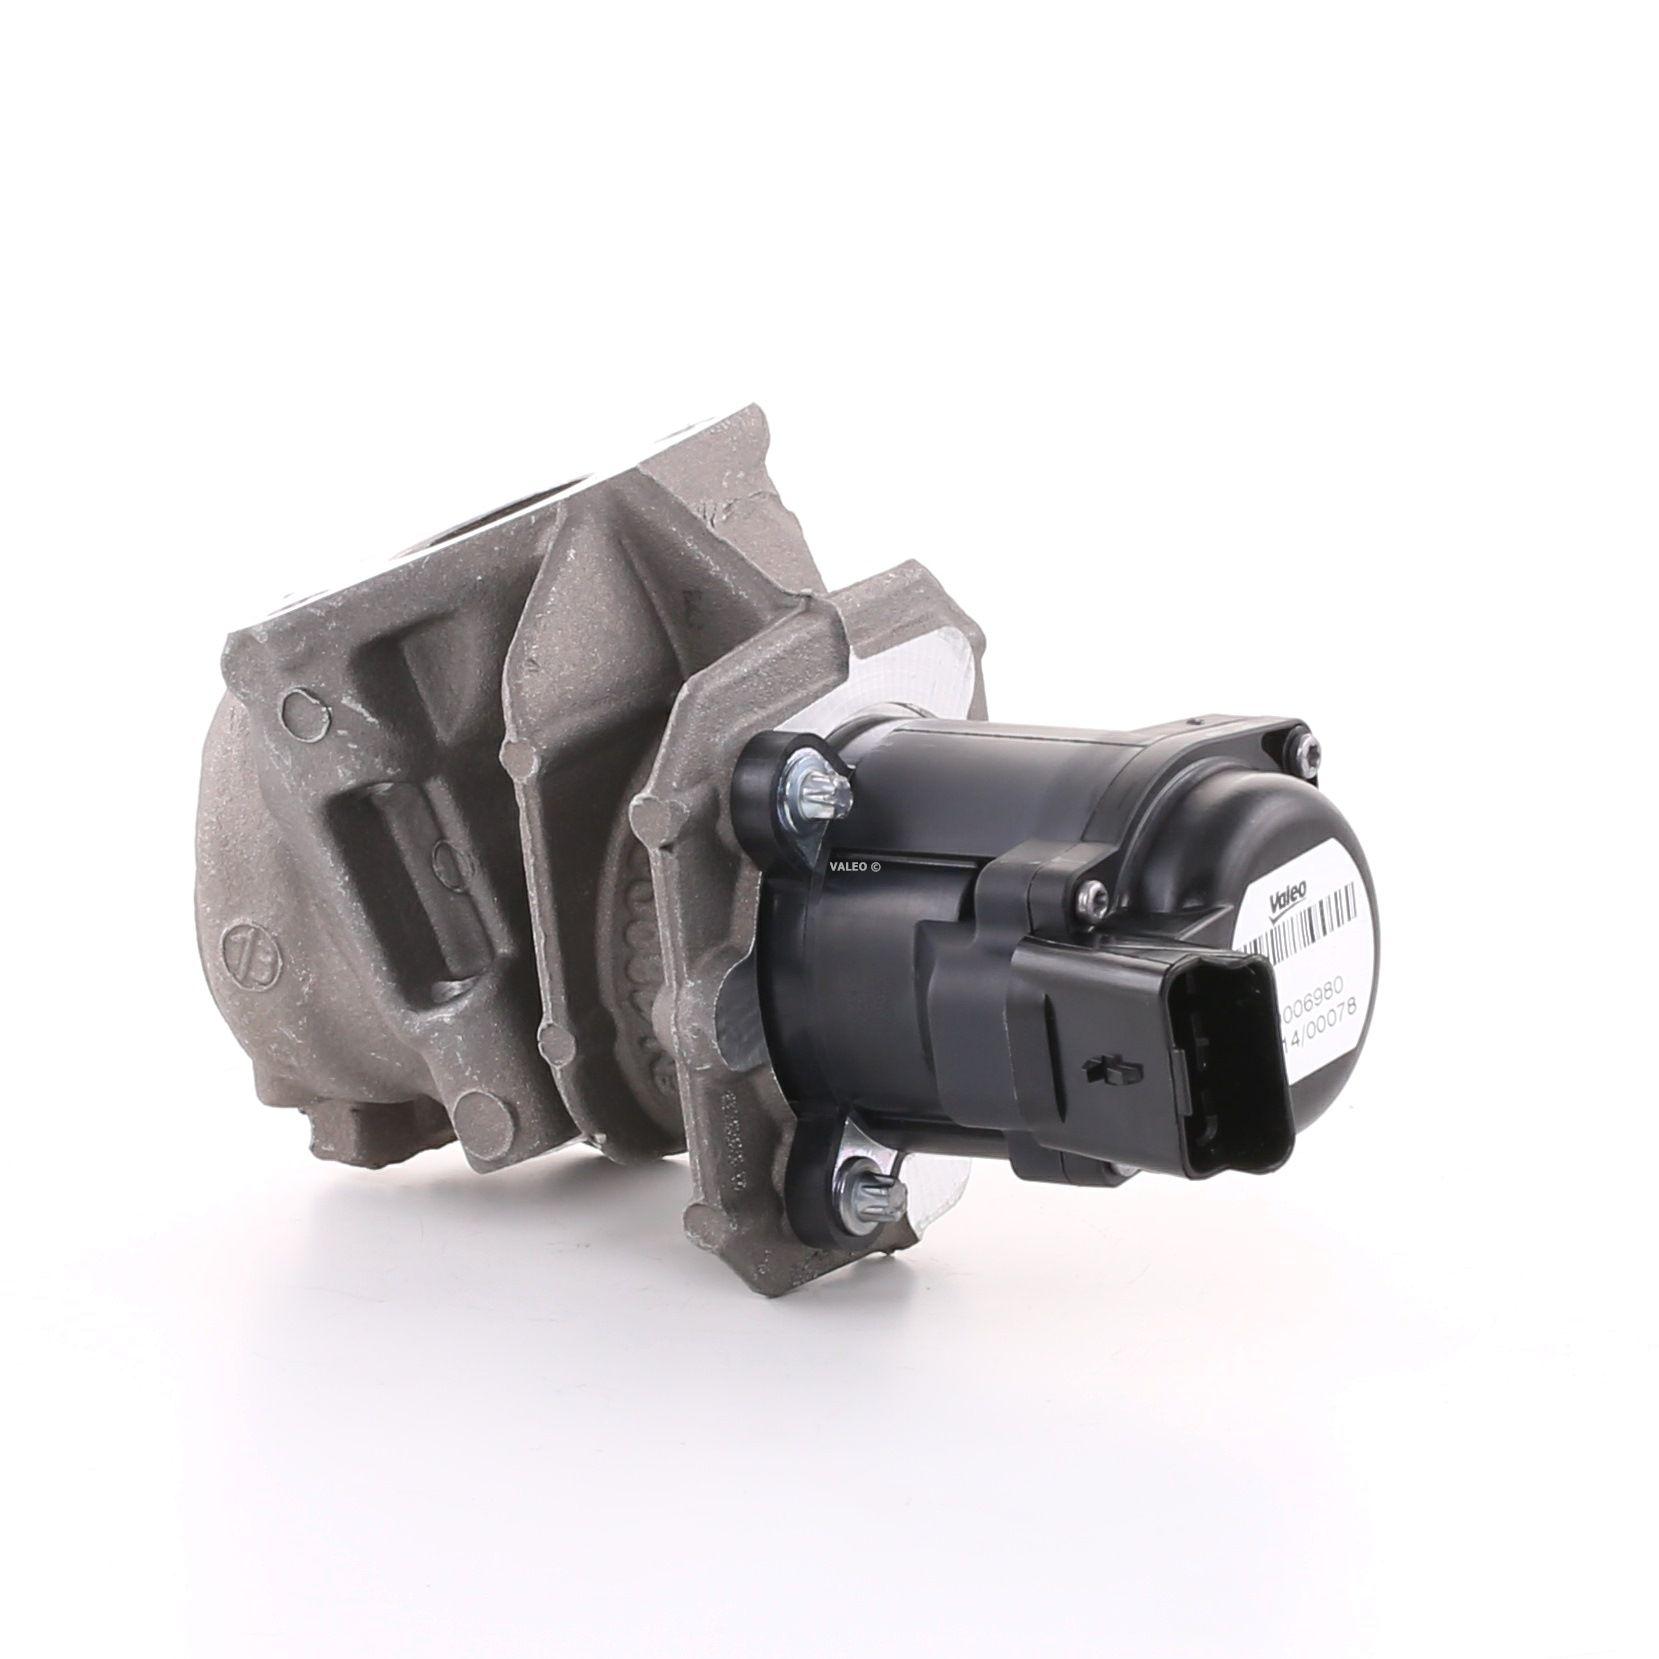 EGR-ventil 700414 til FIAT lave priser - Handle nå!